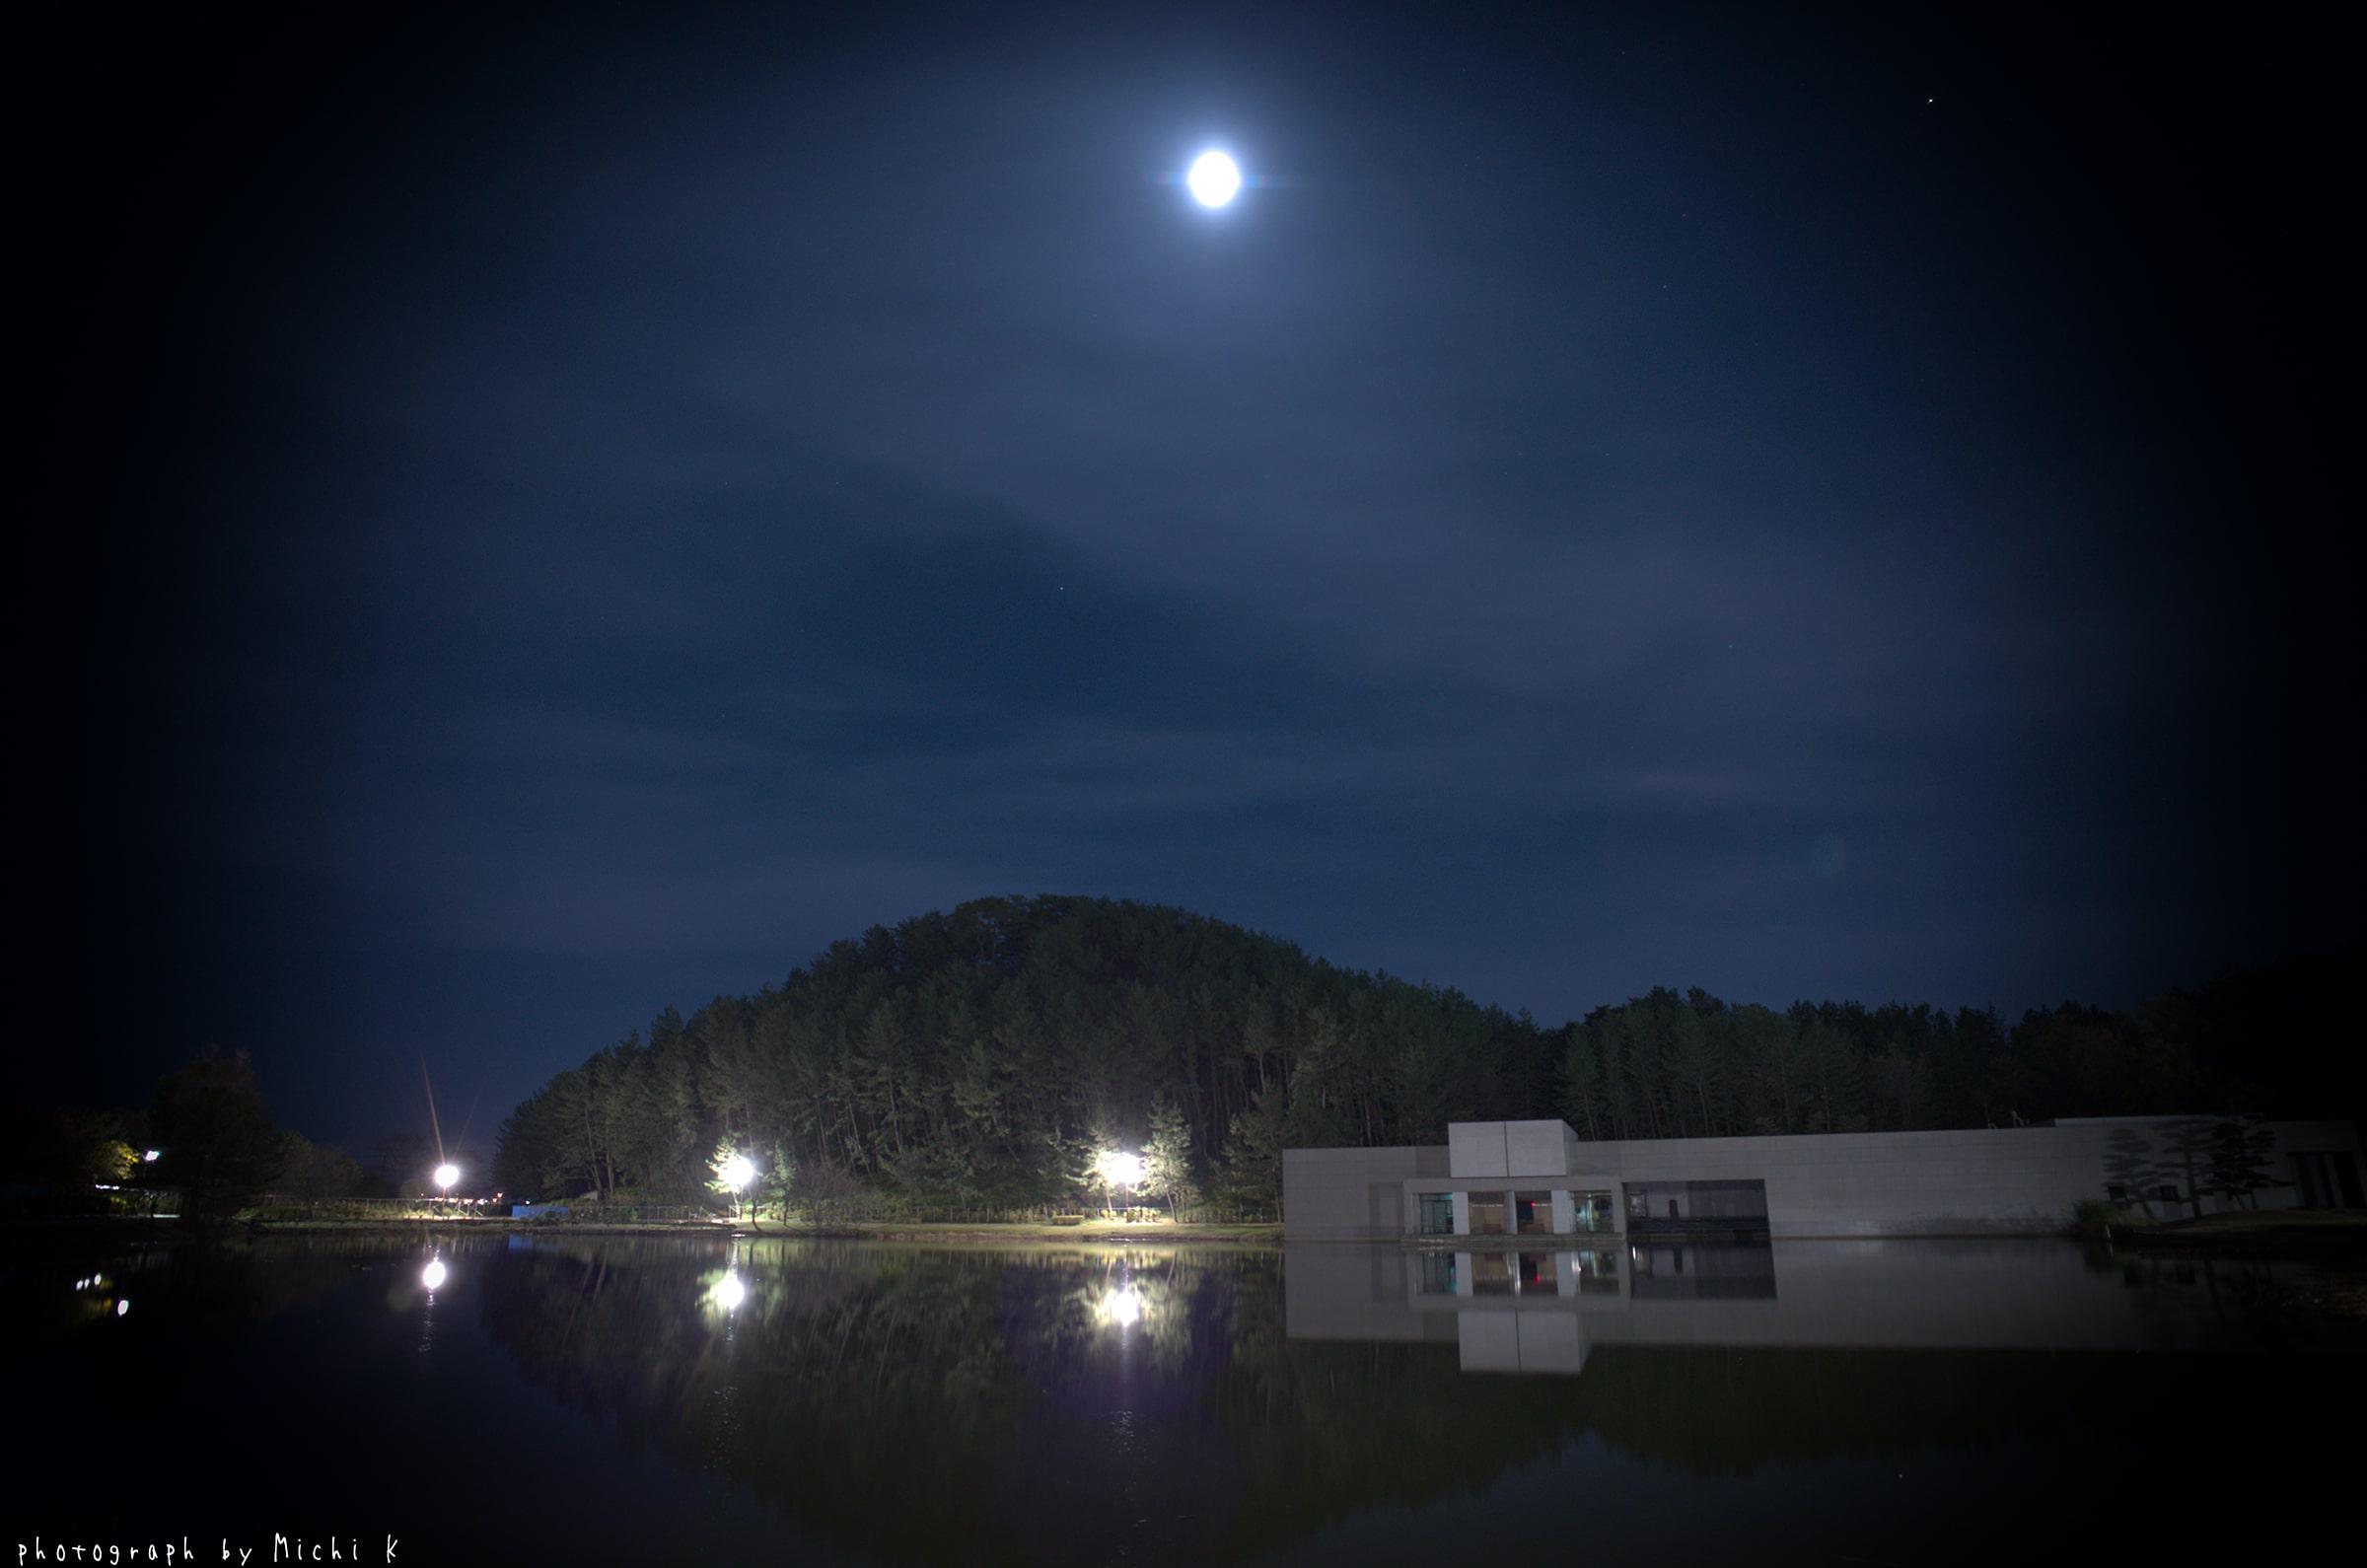 土門拳記念館にて2018-11-18夜(写真その1)